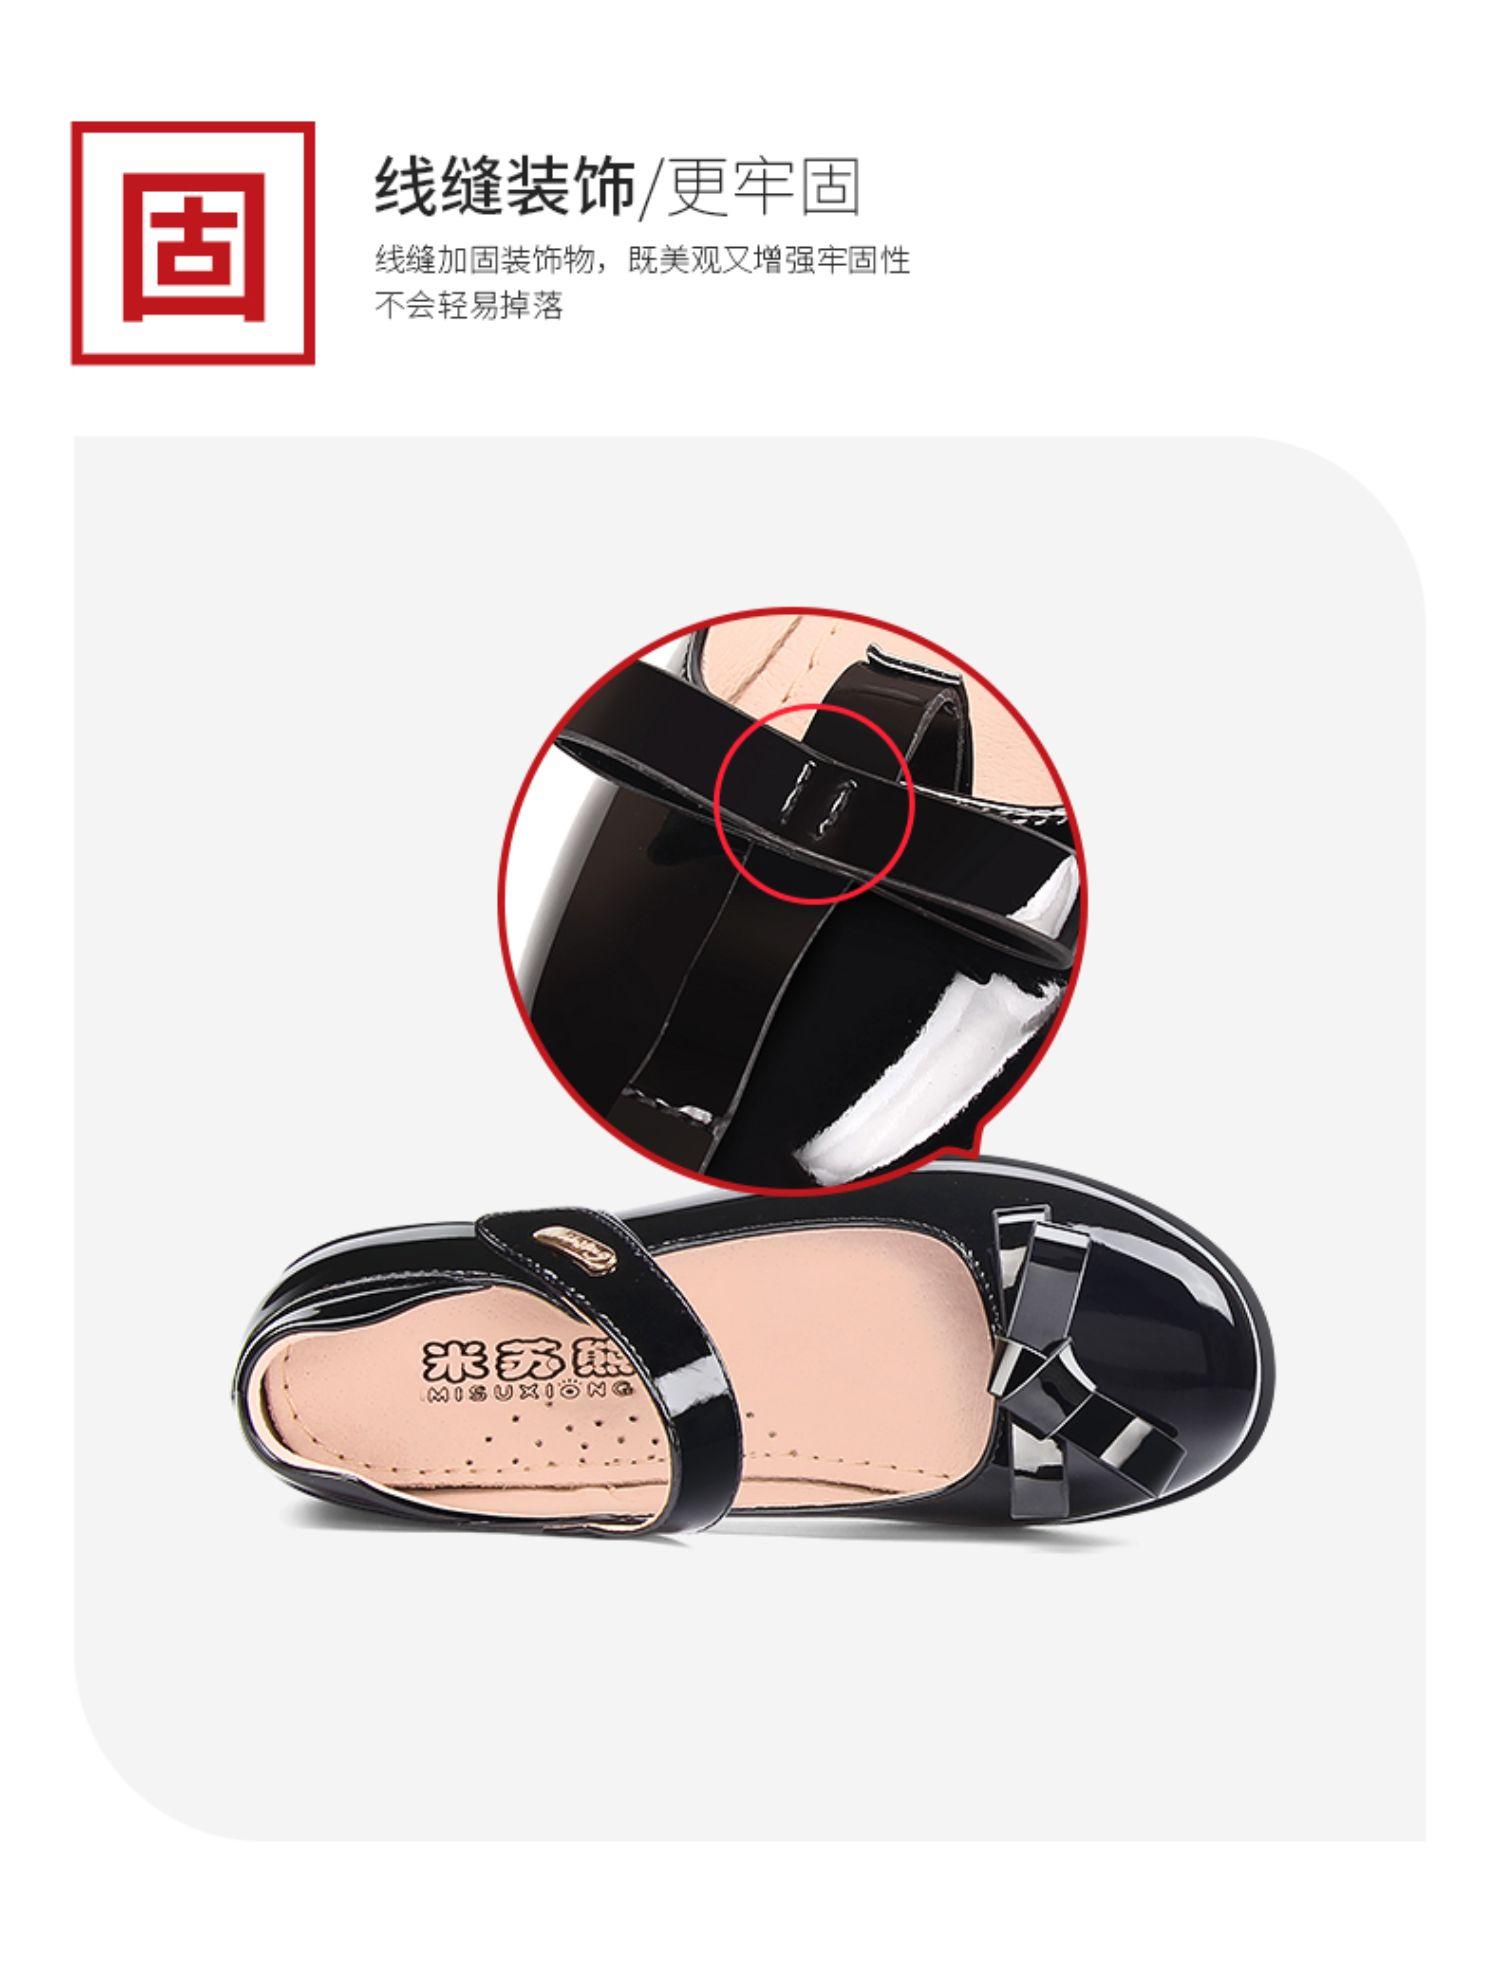 2019春秋新款儿童学生小女孩宝宝女童黑色皮鞋公主软底表演出单鞋商品详情图